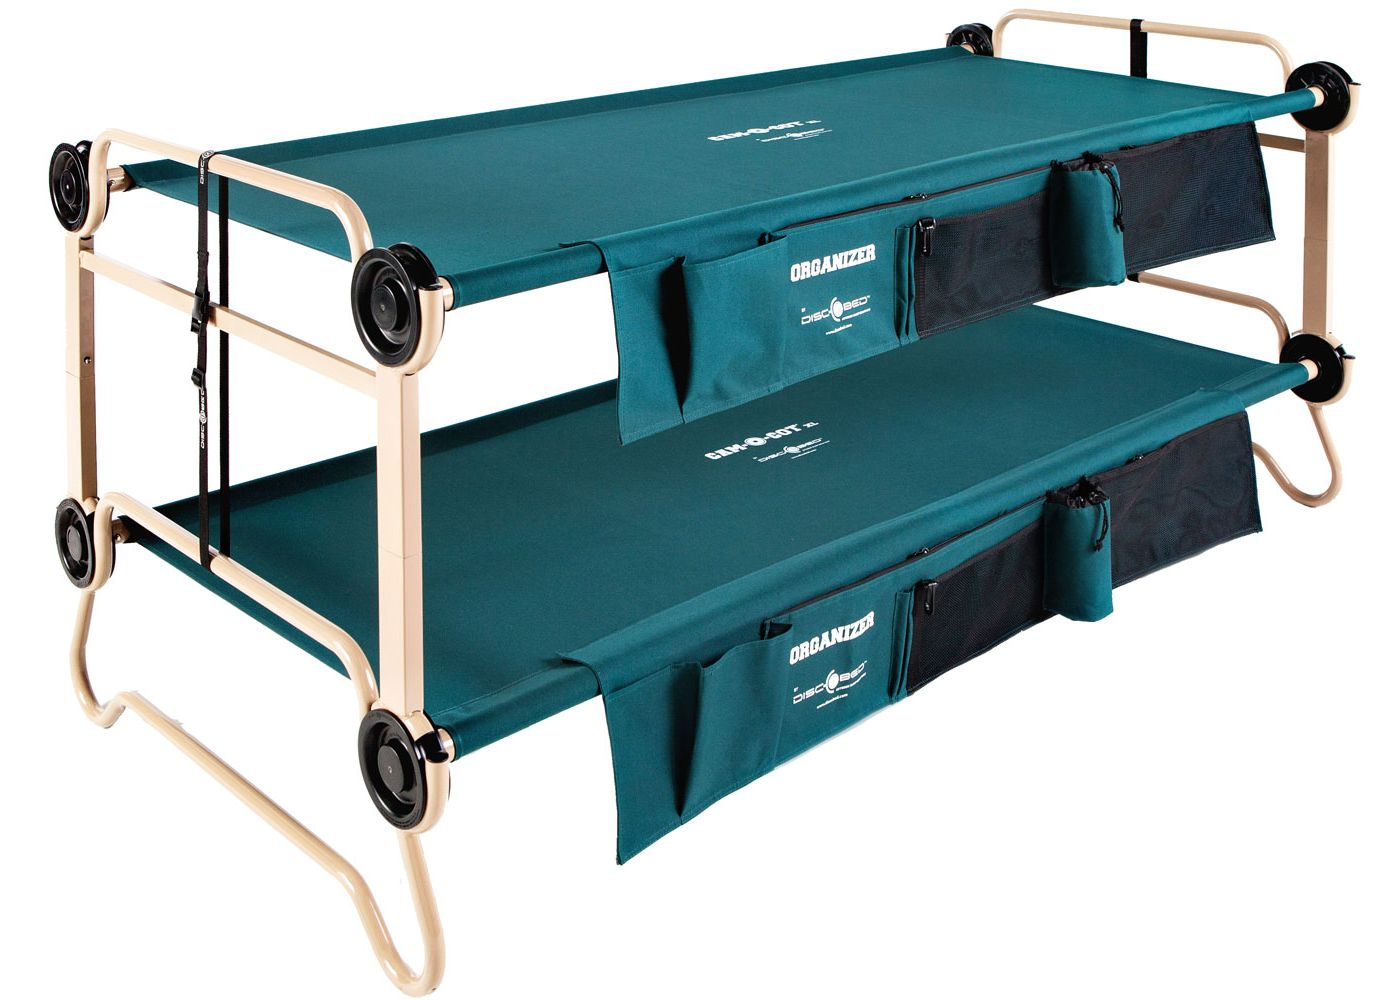 Disc-O-Bed XL Cam-O-Bunk